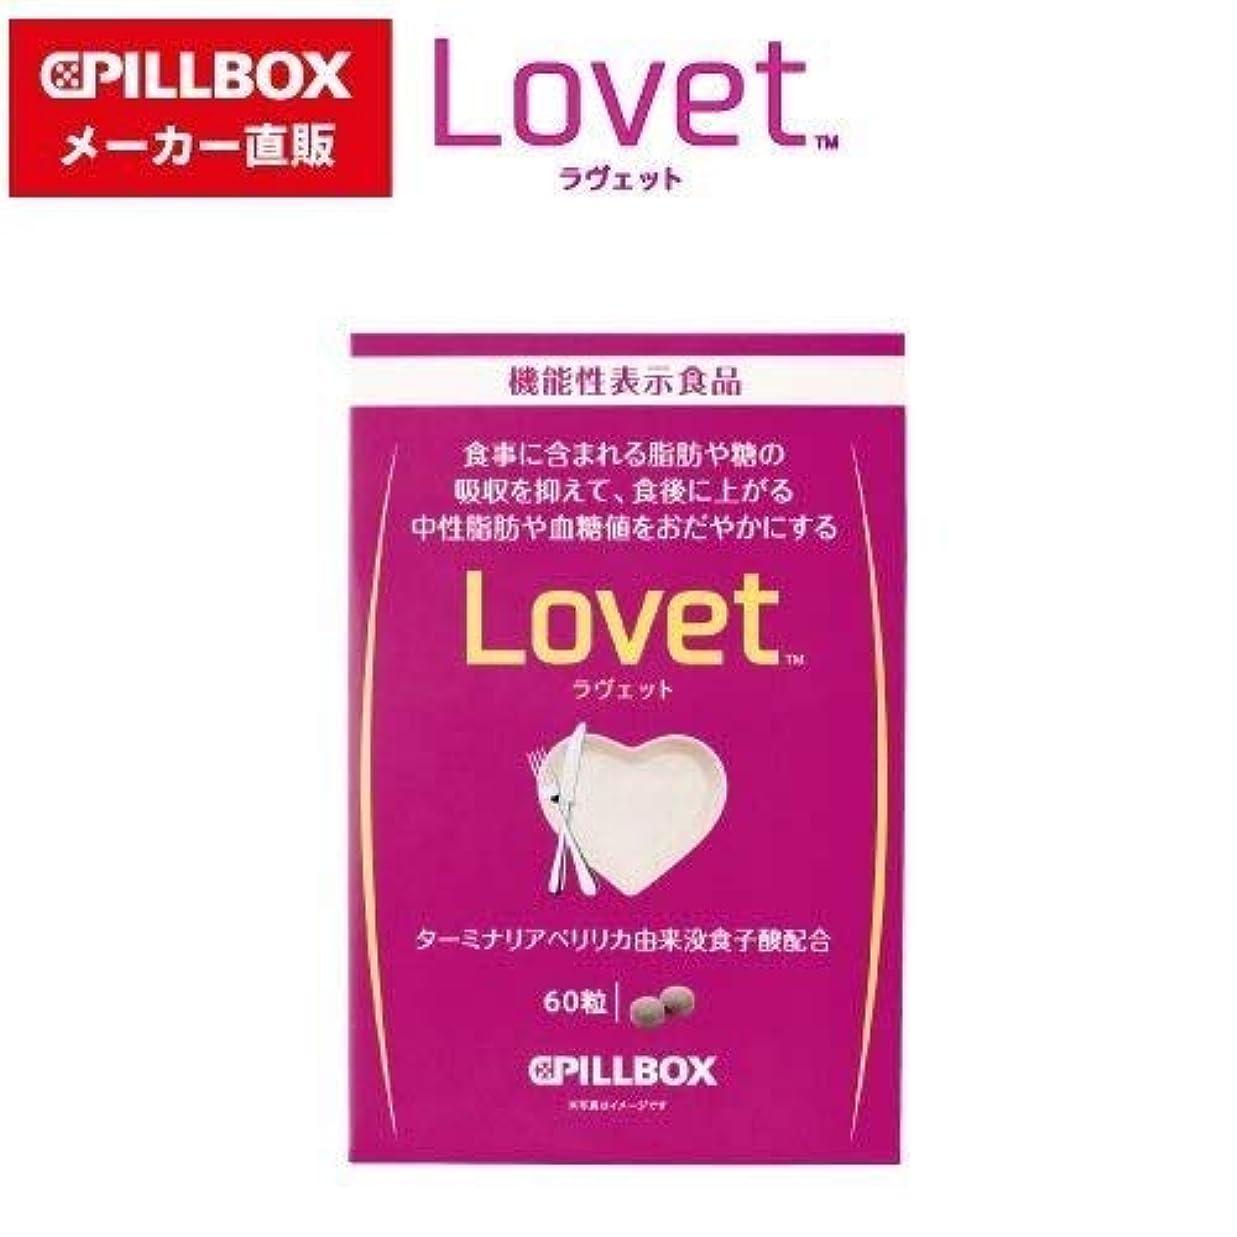 レビュアー無駄にシェルターピルボックス Lovet(ラヴェット)60粒 5個セット